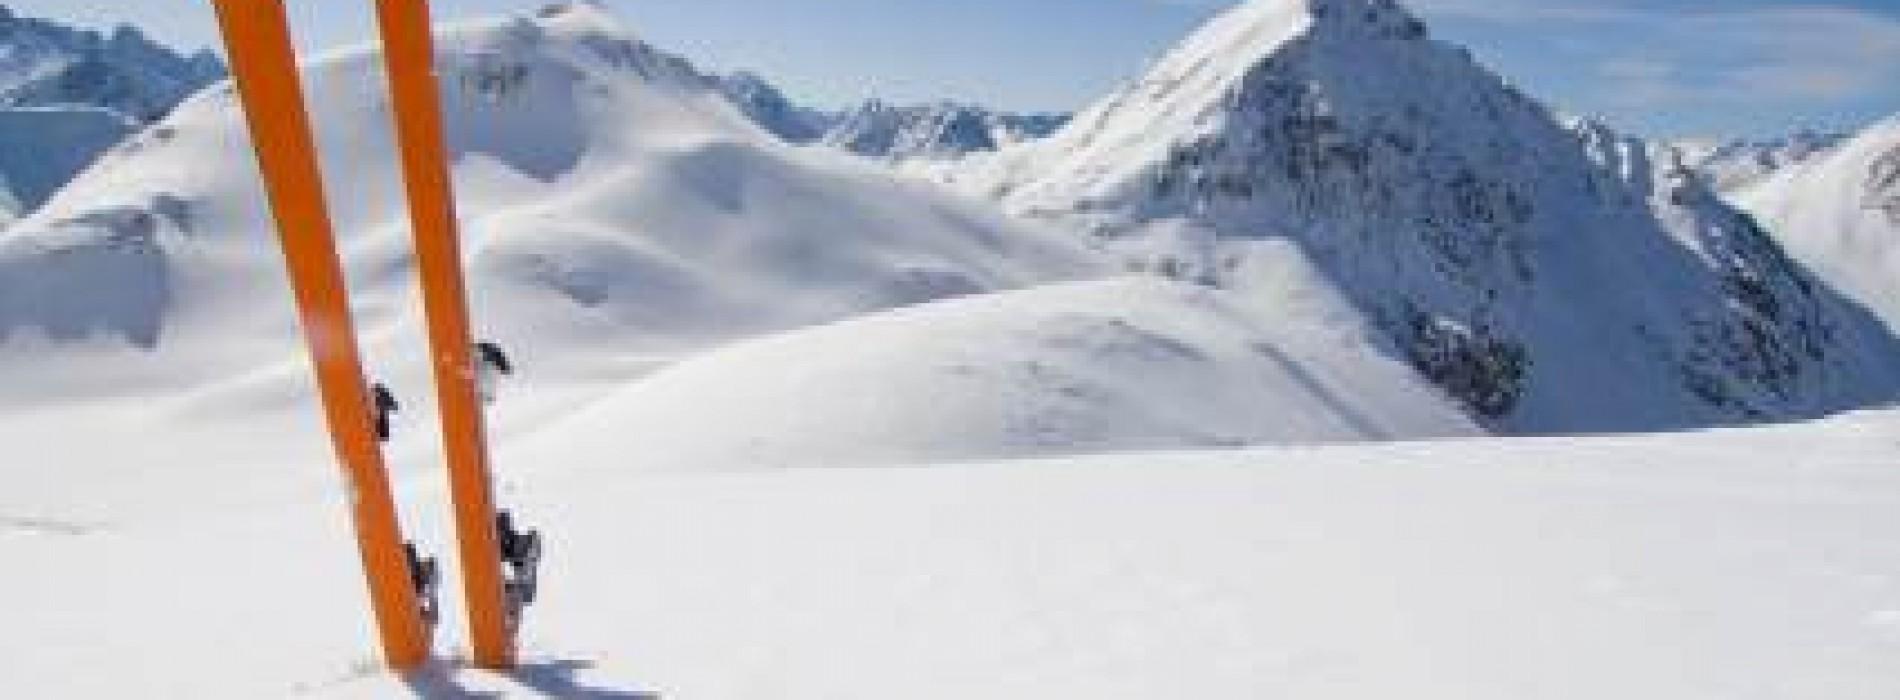 Ubezpieczenie na narty i snowboard – na co warto zwrócić uwagę?